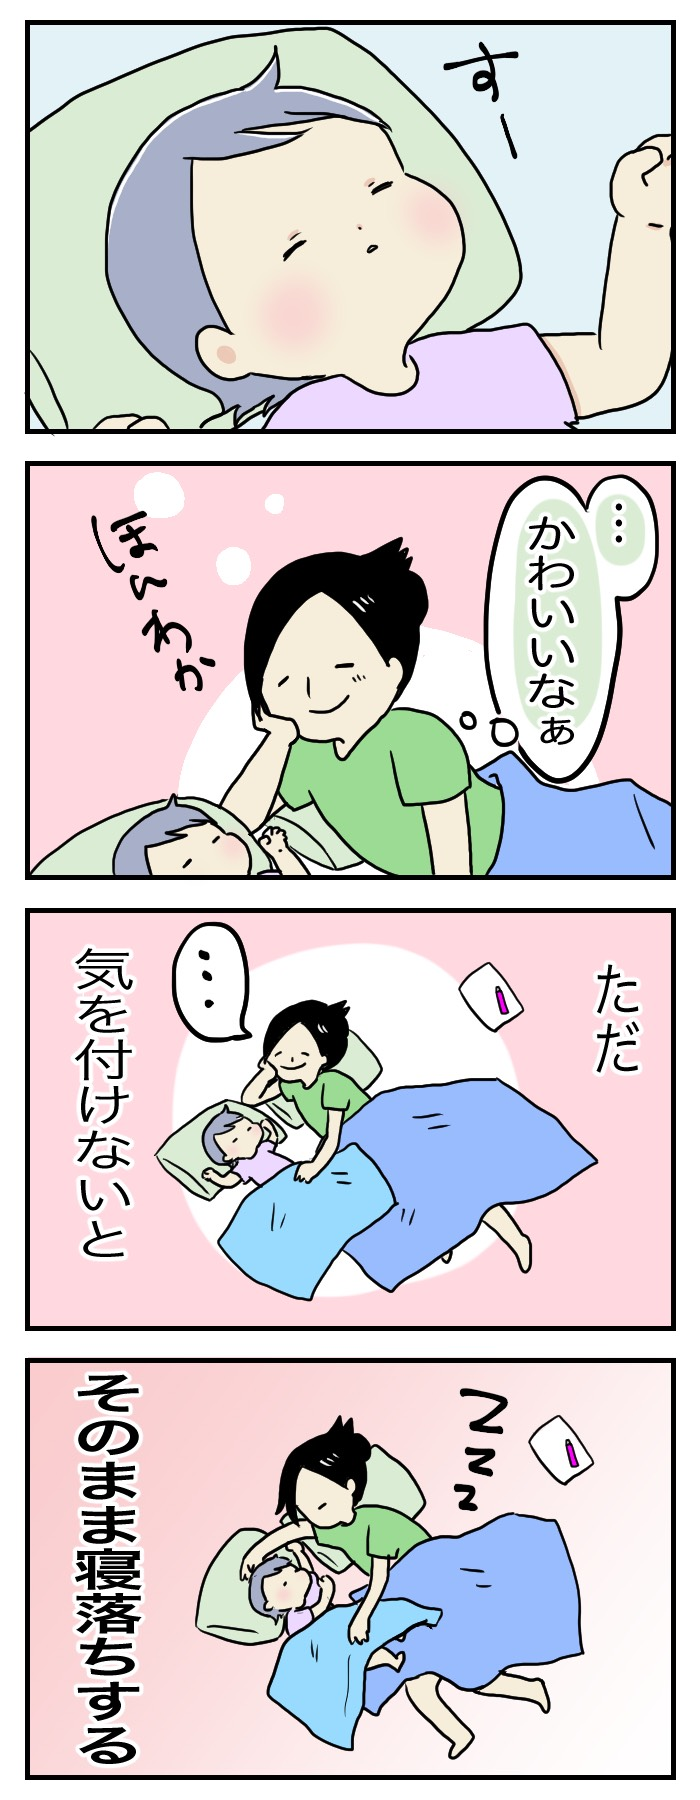 ハナコママ 4コマお昼寝2 (1)